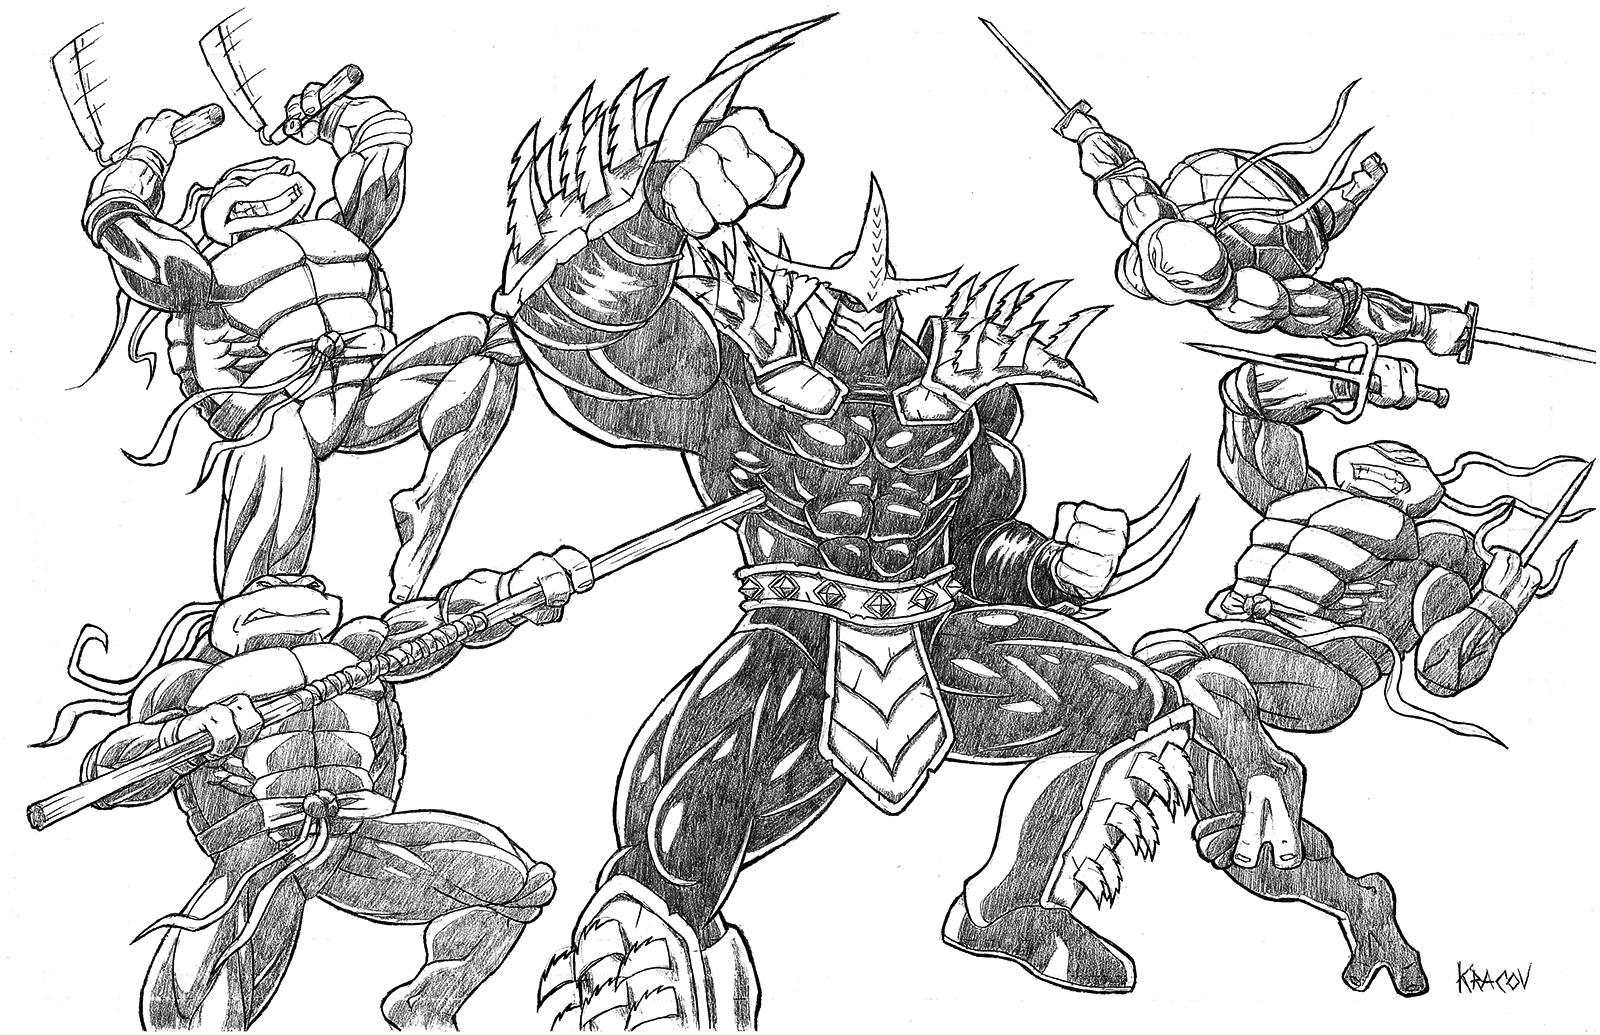 Top 25 Free Printable Ninja Turtles Coloring Pages Online | Turtle ... | 1035x1600